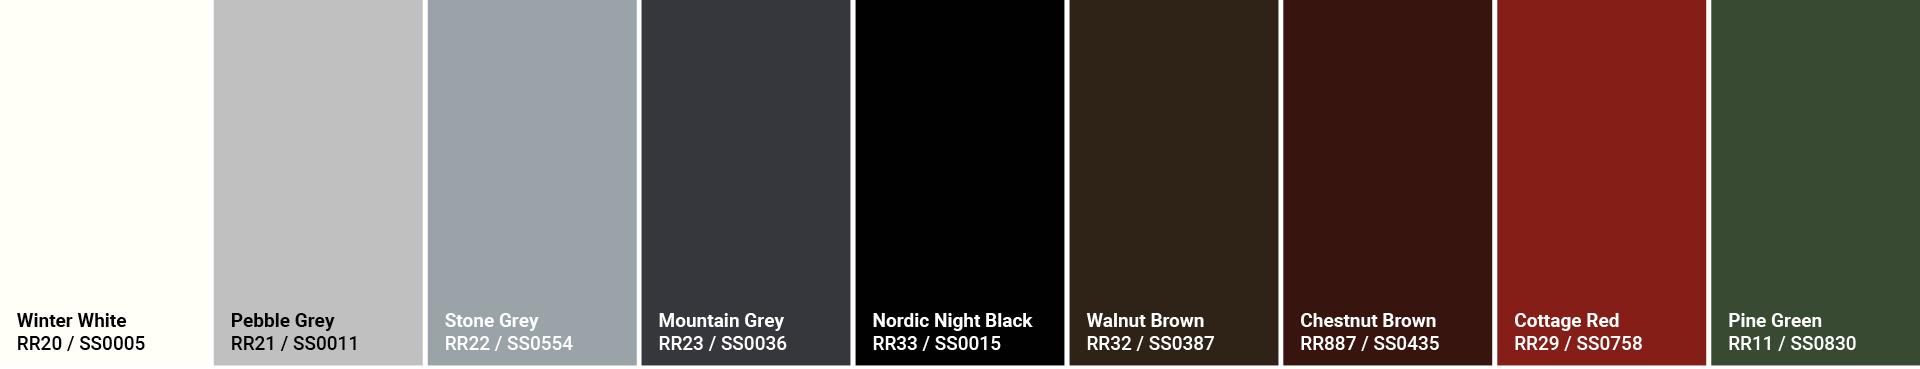 GreenCoat RWS Pural colors